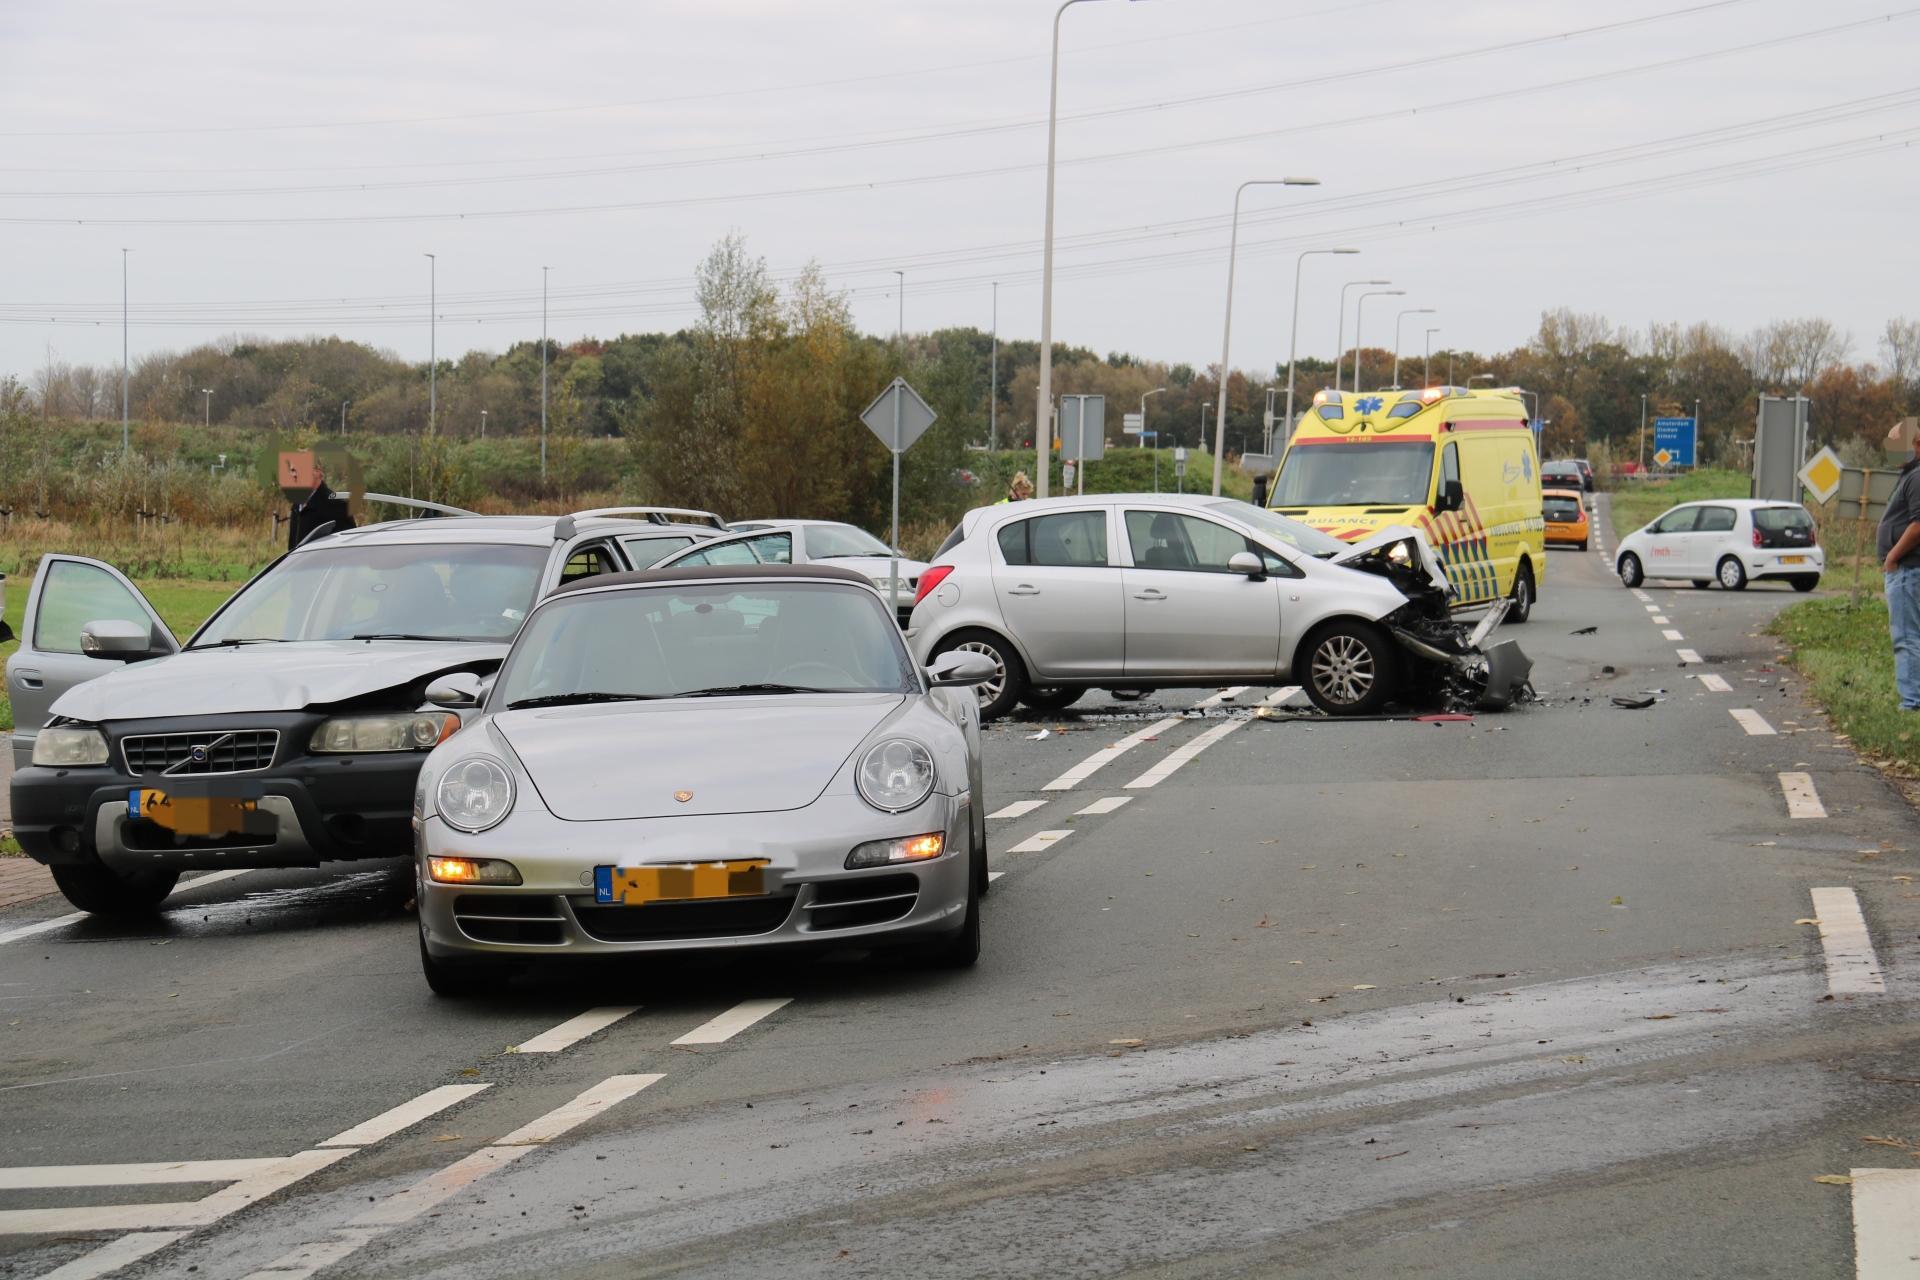 Vier auto's betrokken bij ongeluk in Weesp. Weg afgezet voor al het verkeer